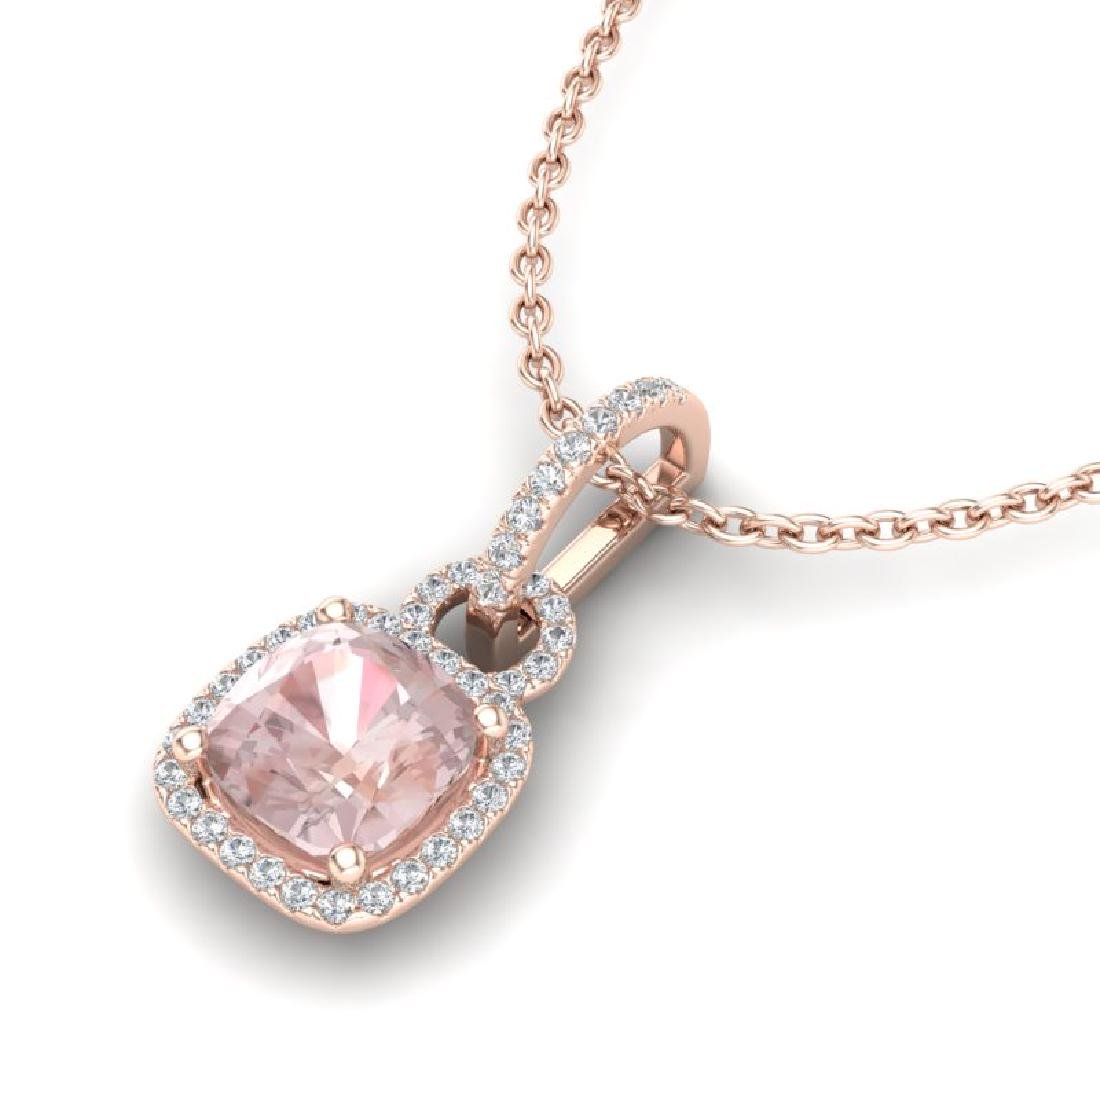 2.75 CTW Morganite & Micro VS/SI Diamond Halo Necklace